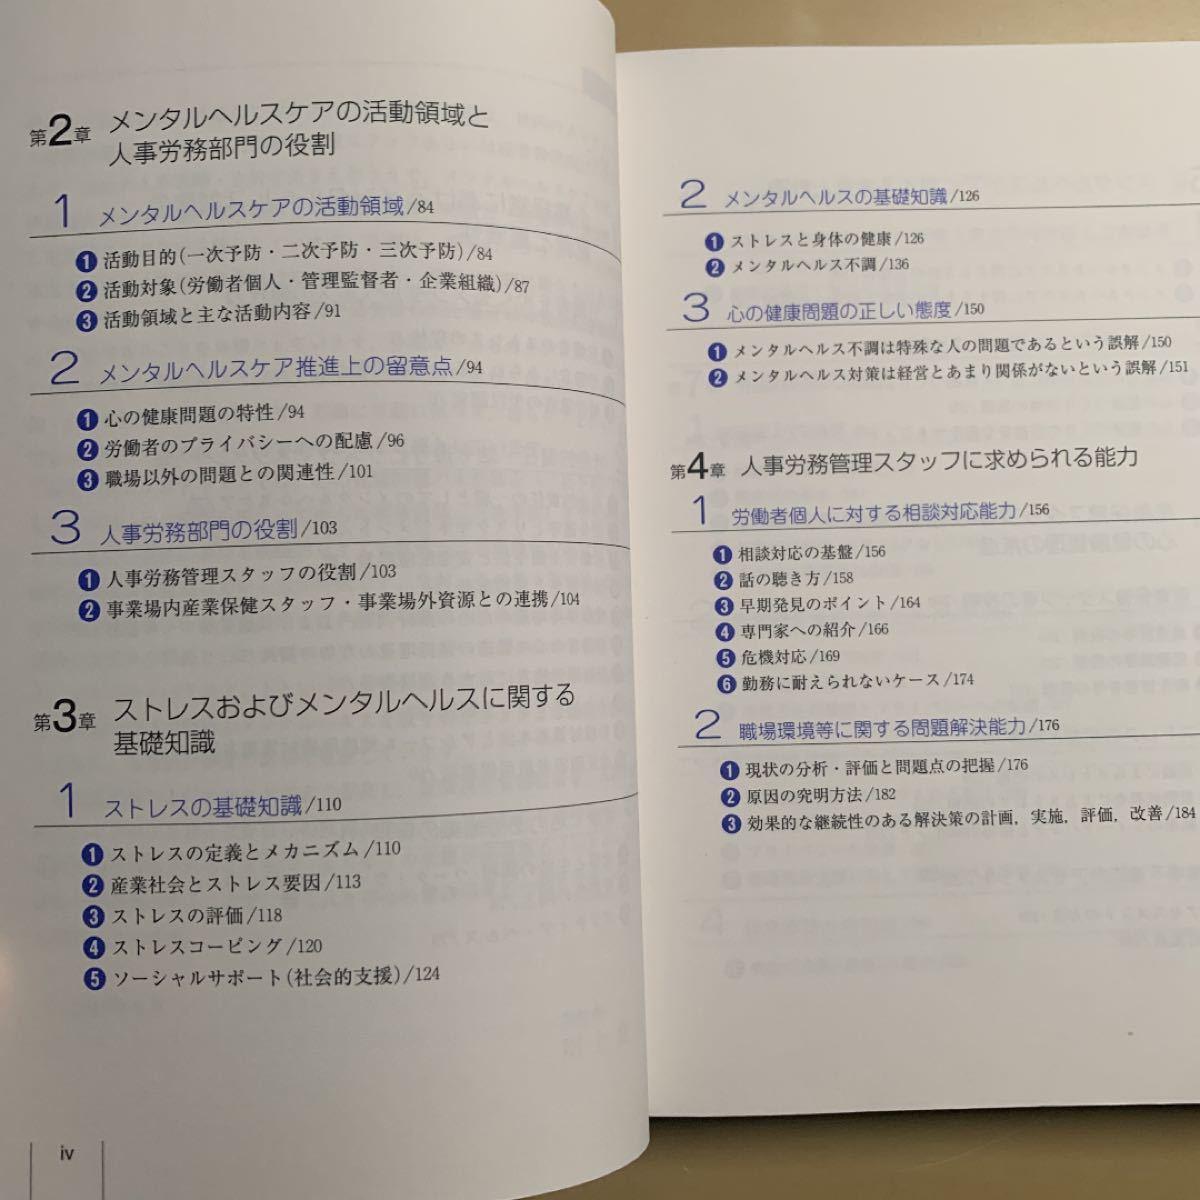 メンタルヘルス・マネジメント検定試験公式テキストI種マスターコース